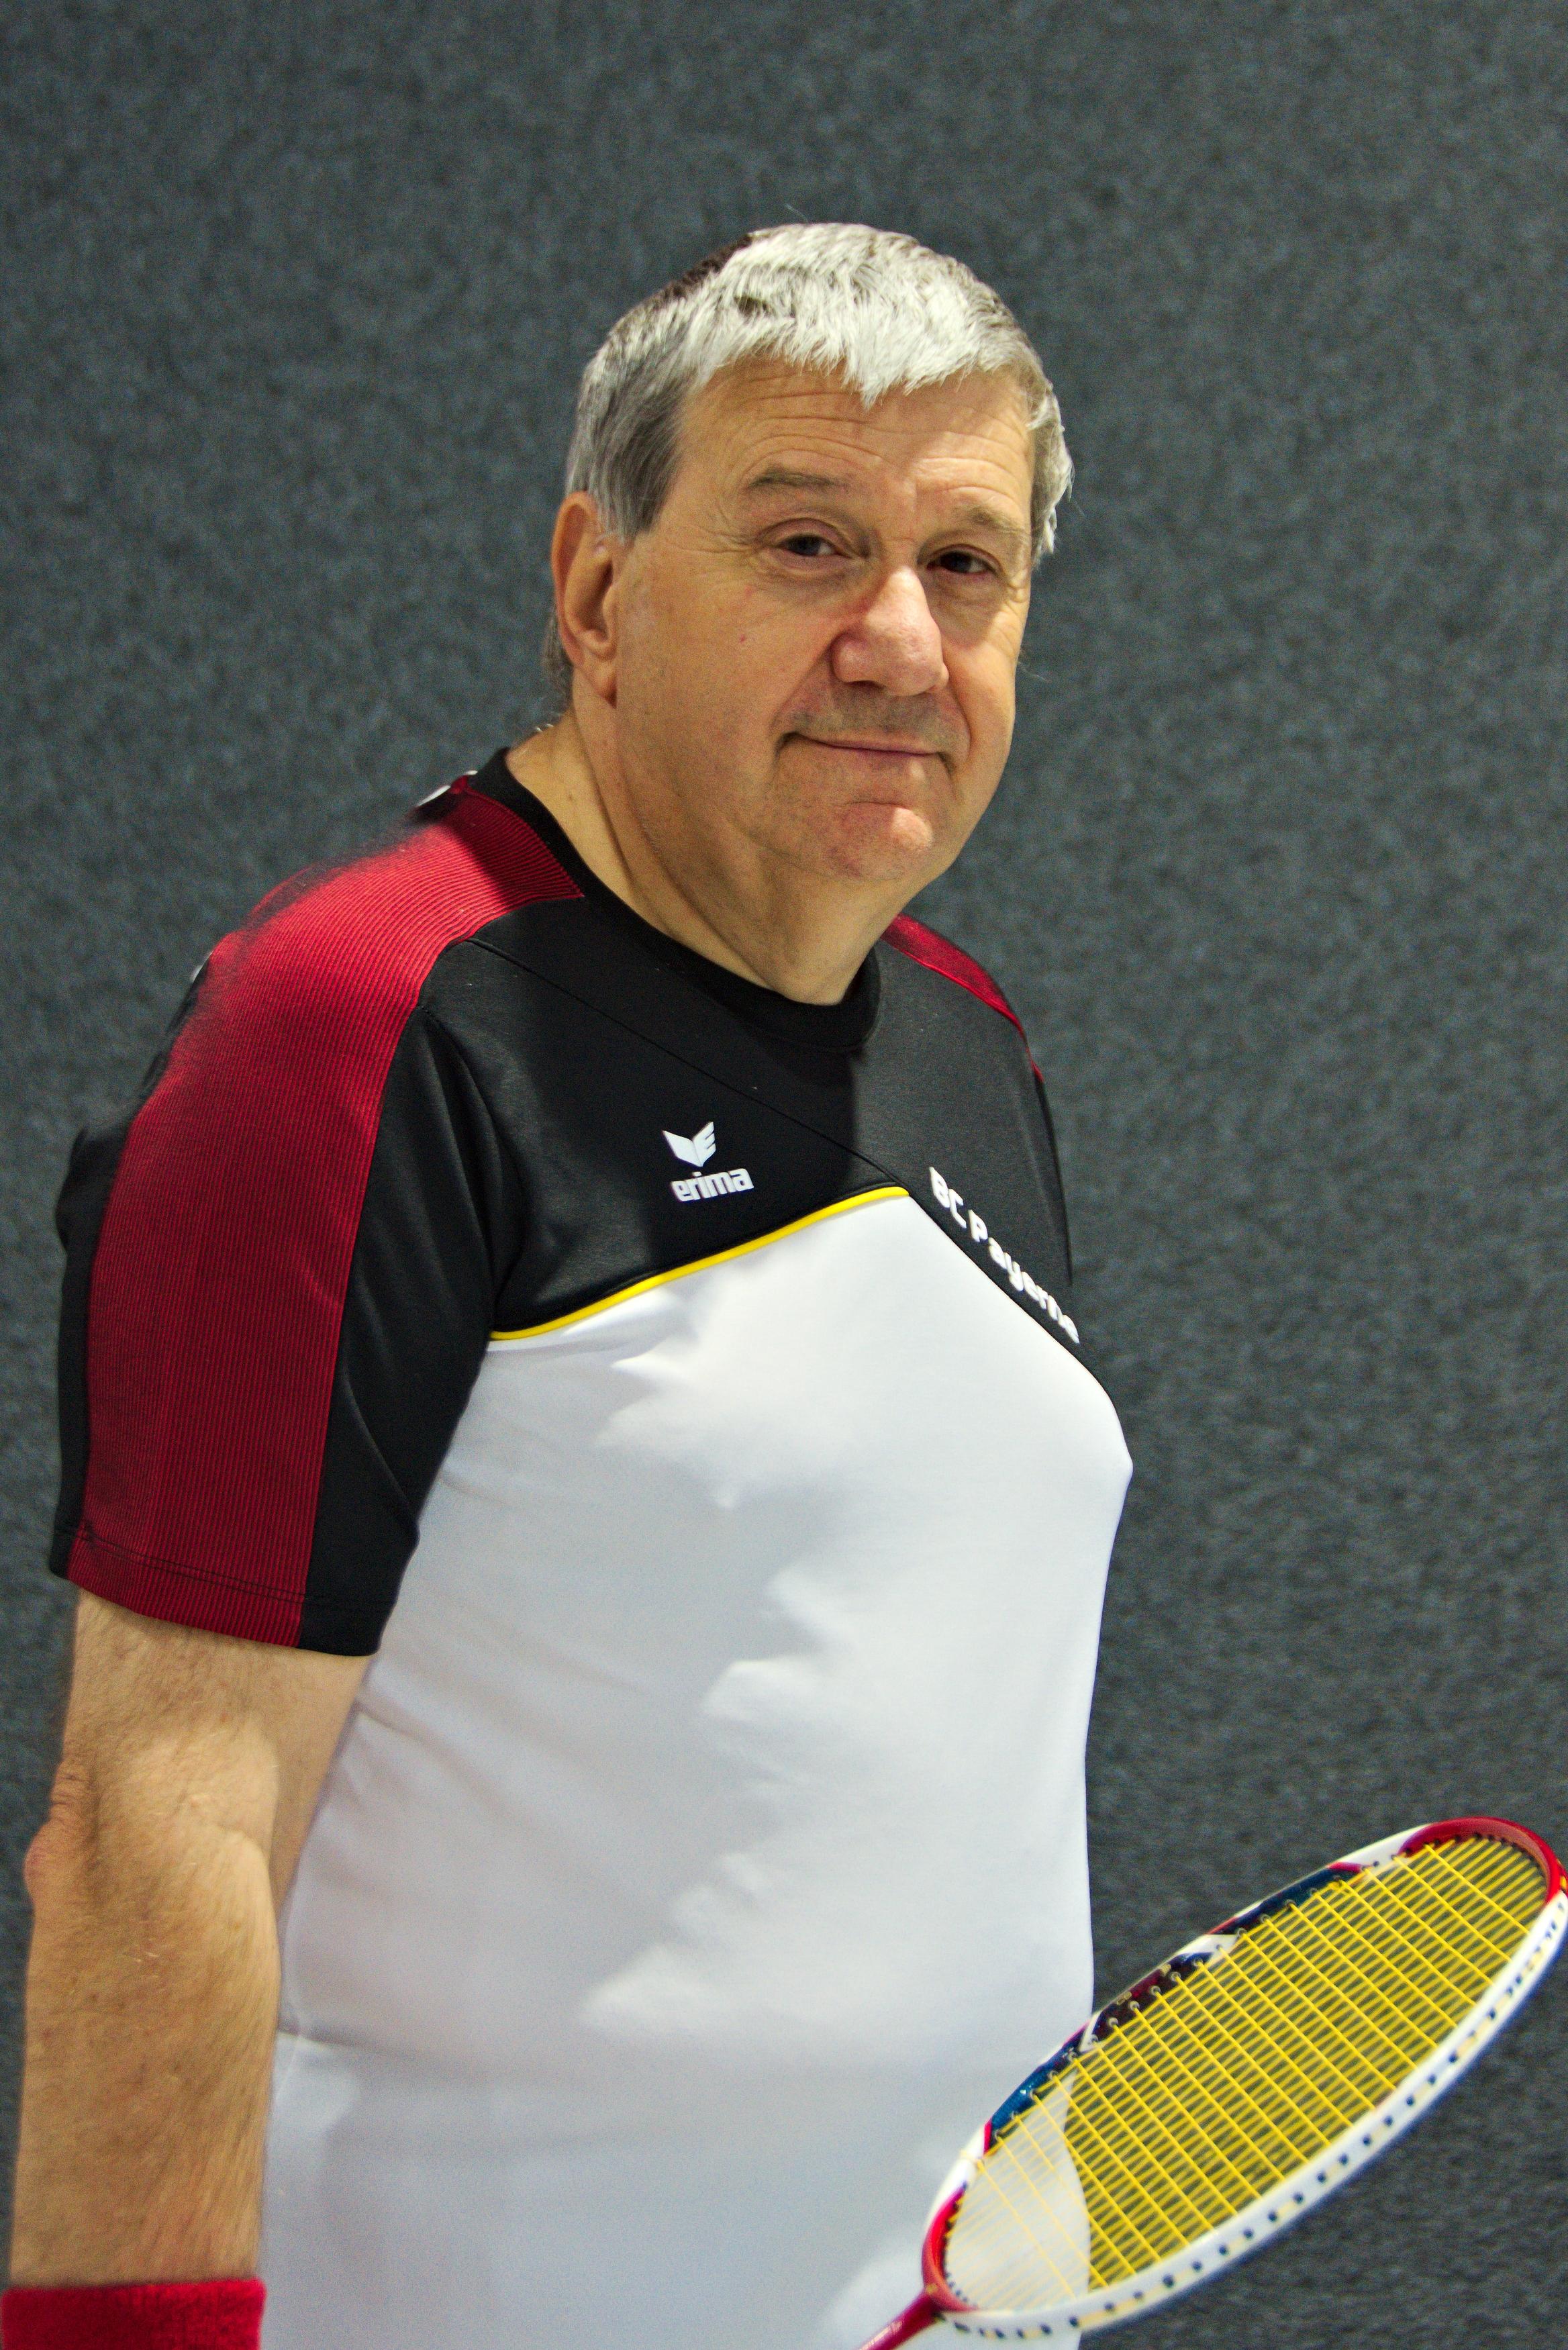 Carlo BONFERRONI